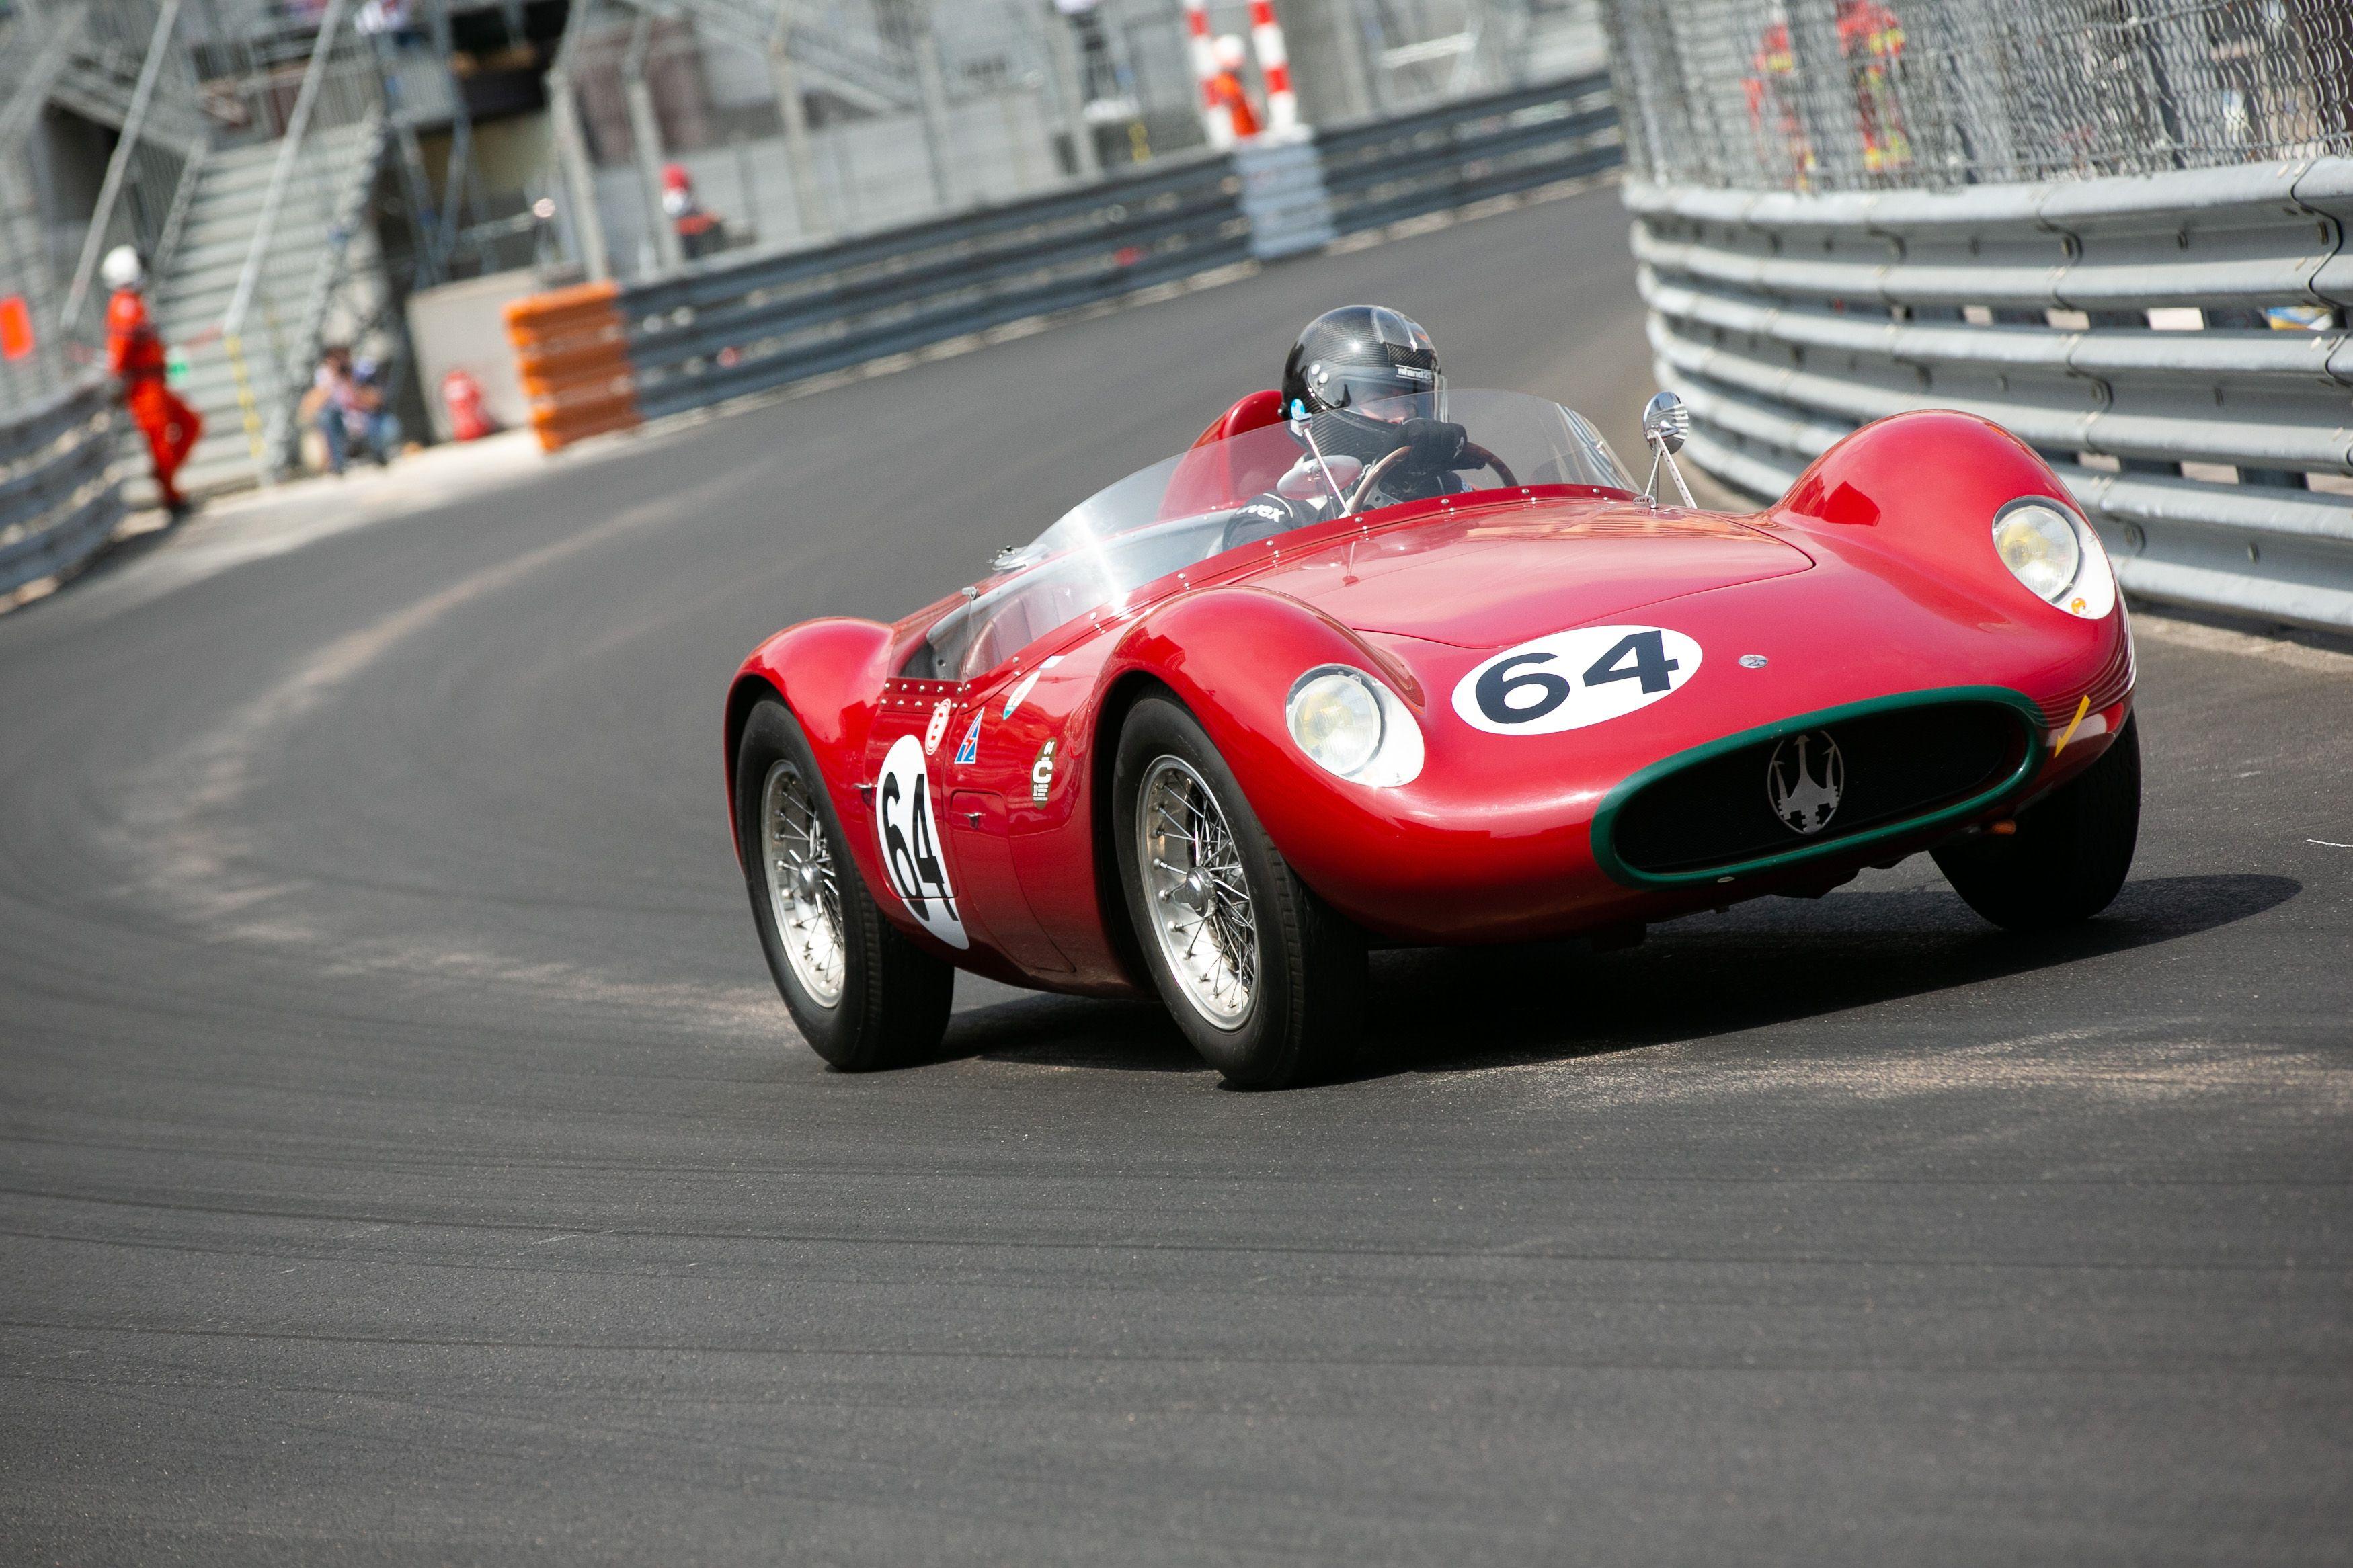 1561509_Grand_Prix_Maserati_A6GCS_